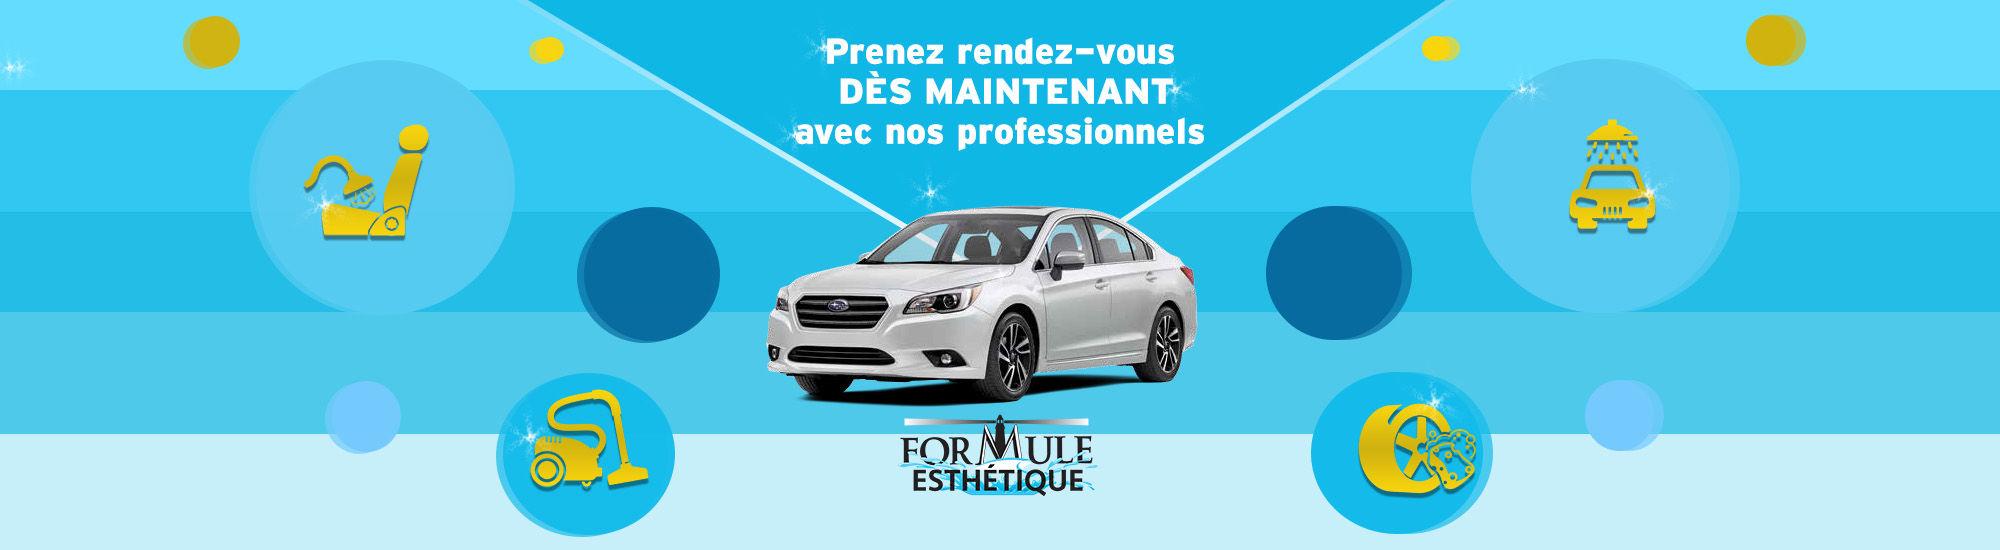 Formule Esthétique Subaru